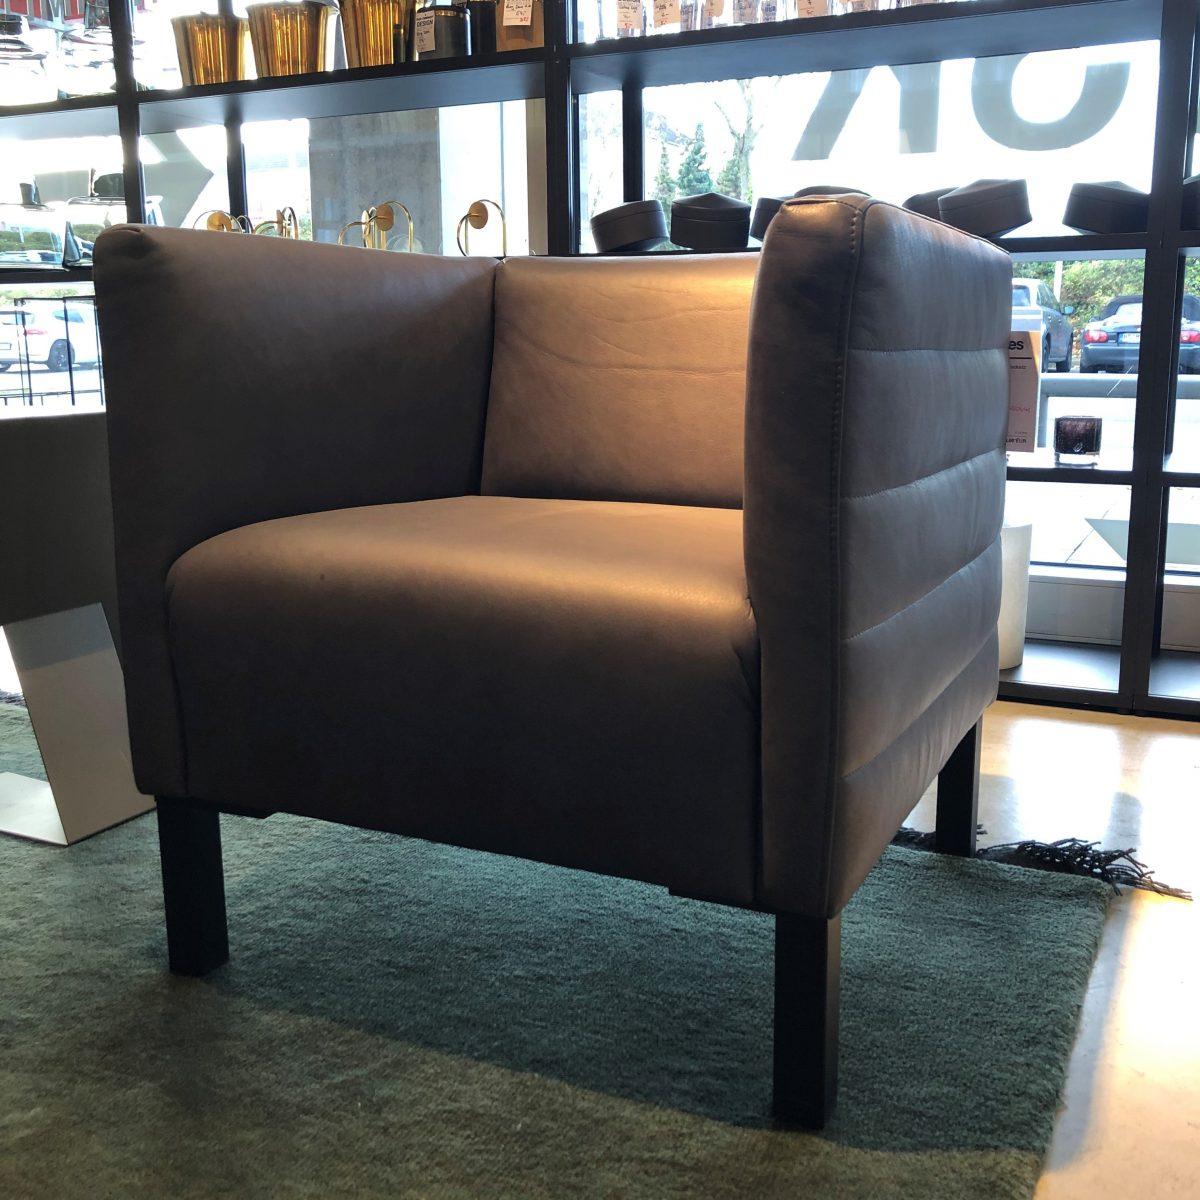 Full Size of Indomo Sofa Leder The Mathes Outlet Designer Furniture At Best S Walter Knoll Dreisitzer Rotes Reinigen überzug Halbrund 2 Sitzer Weiß Grau Günstiges Mit Sofa Indomo Sofa